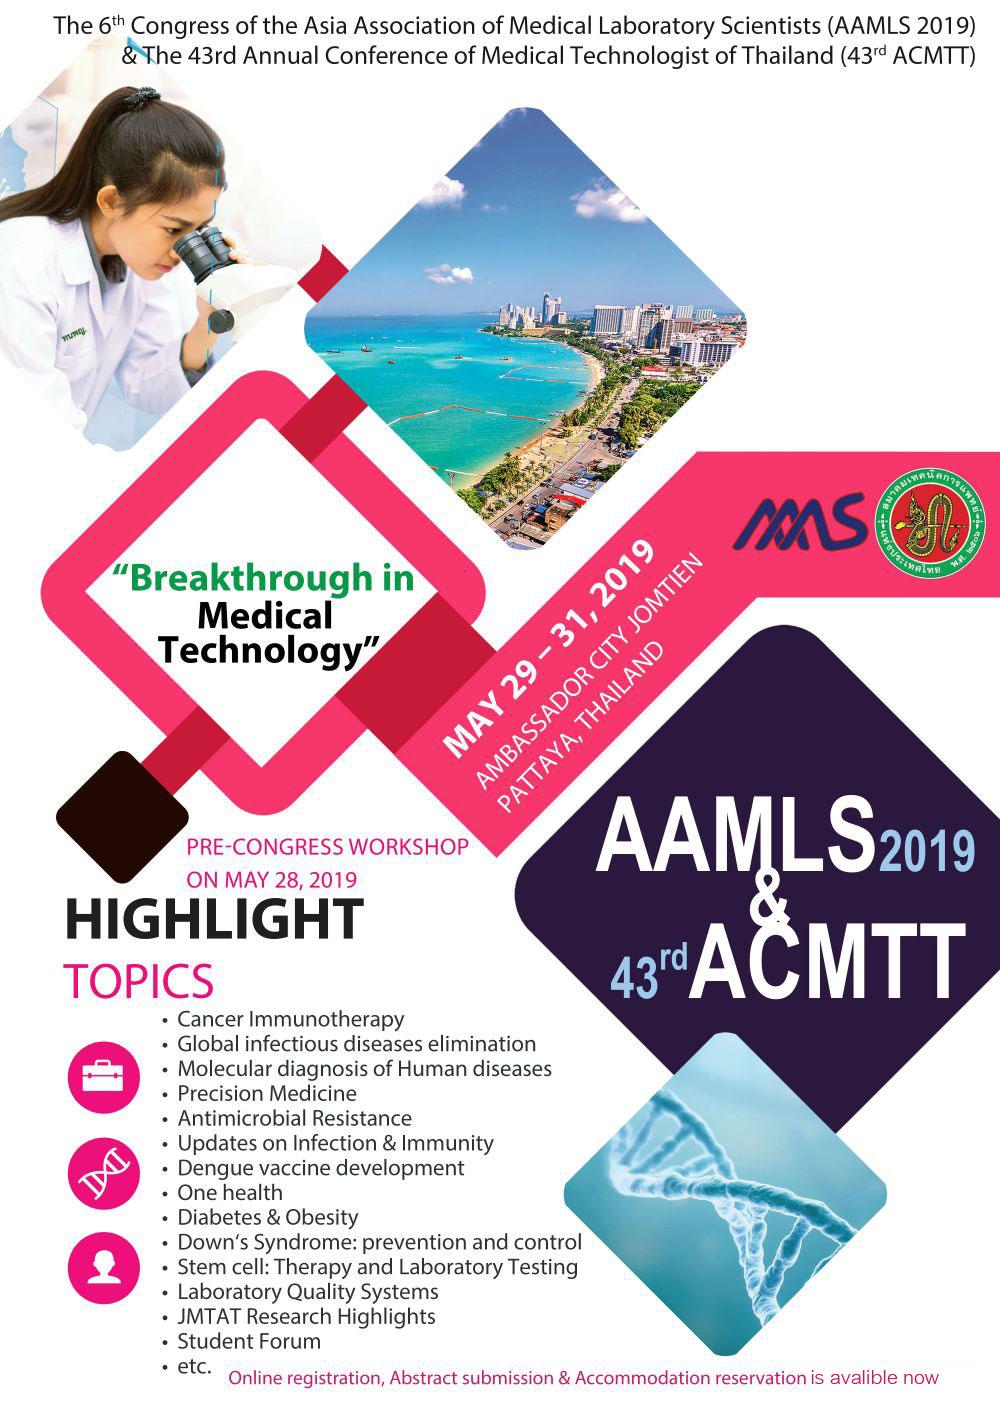 Breakthrough in Medical Technology 2.jpg